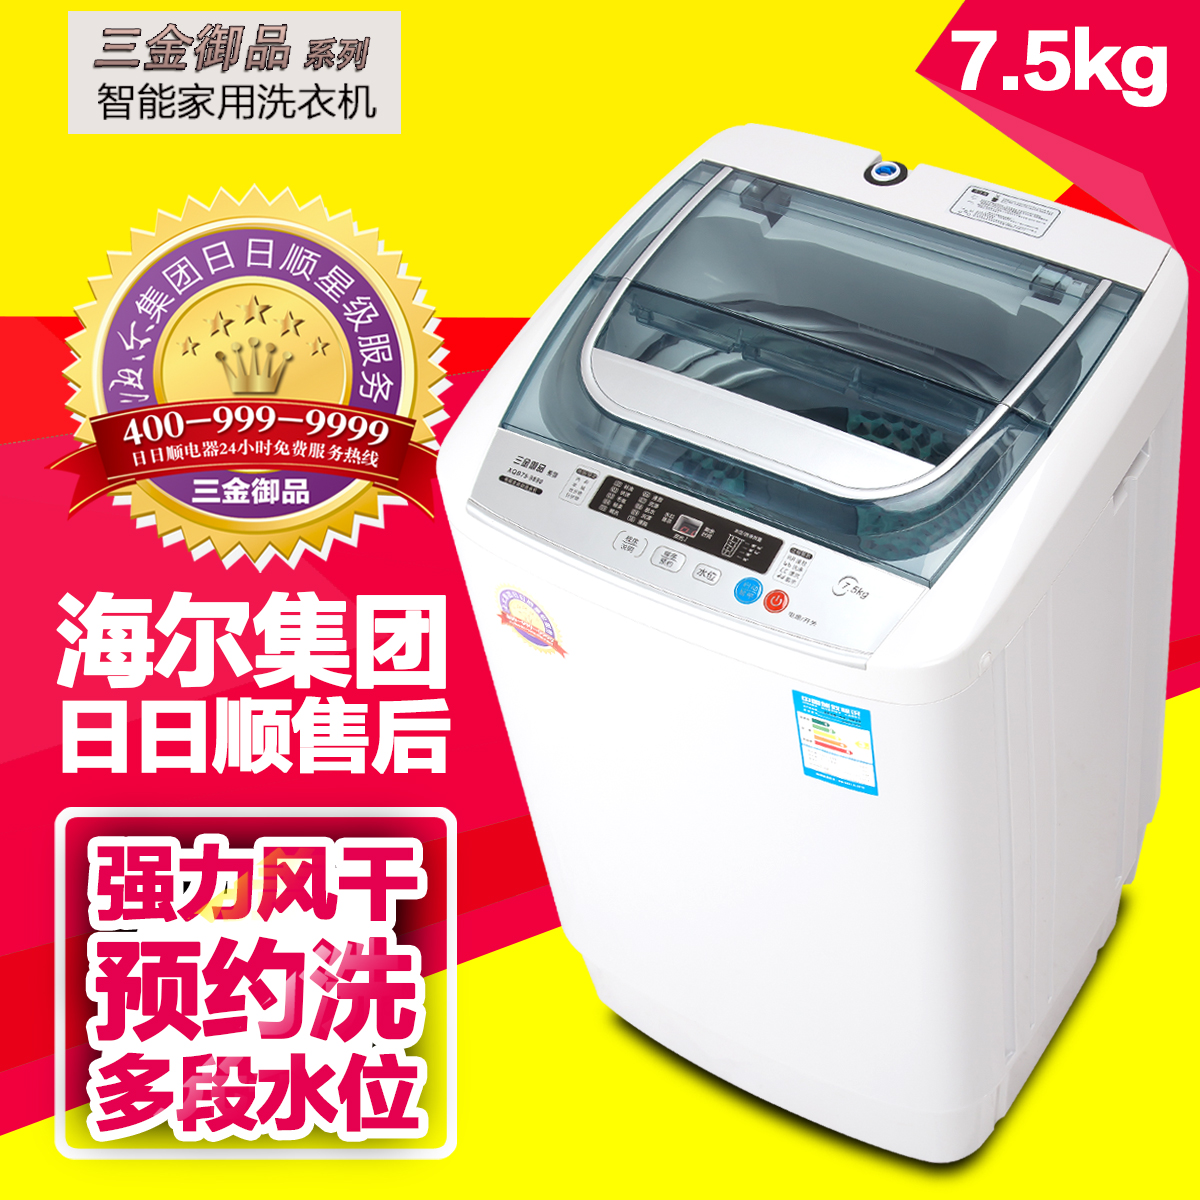 包郵洗衣機 全自動7.5kg小家用 迷你靜音 風乾特價